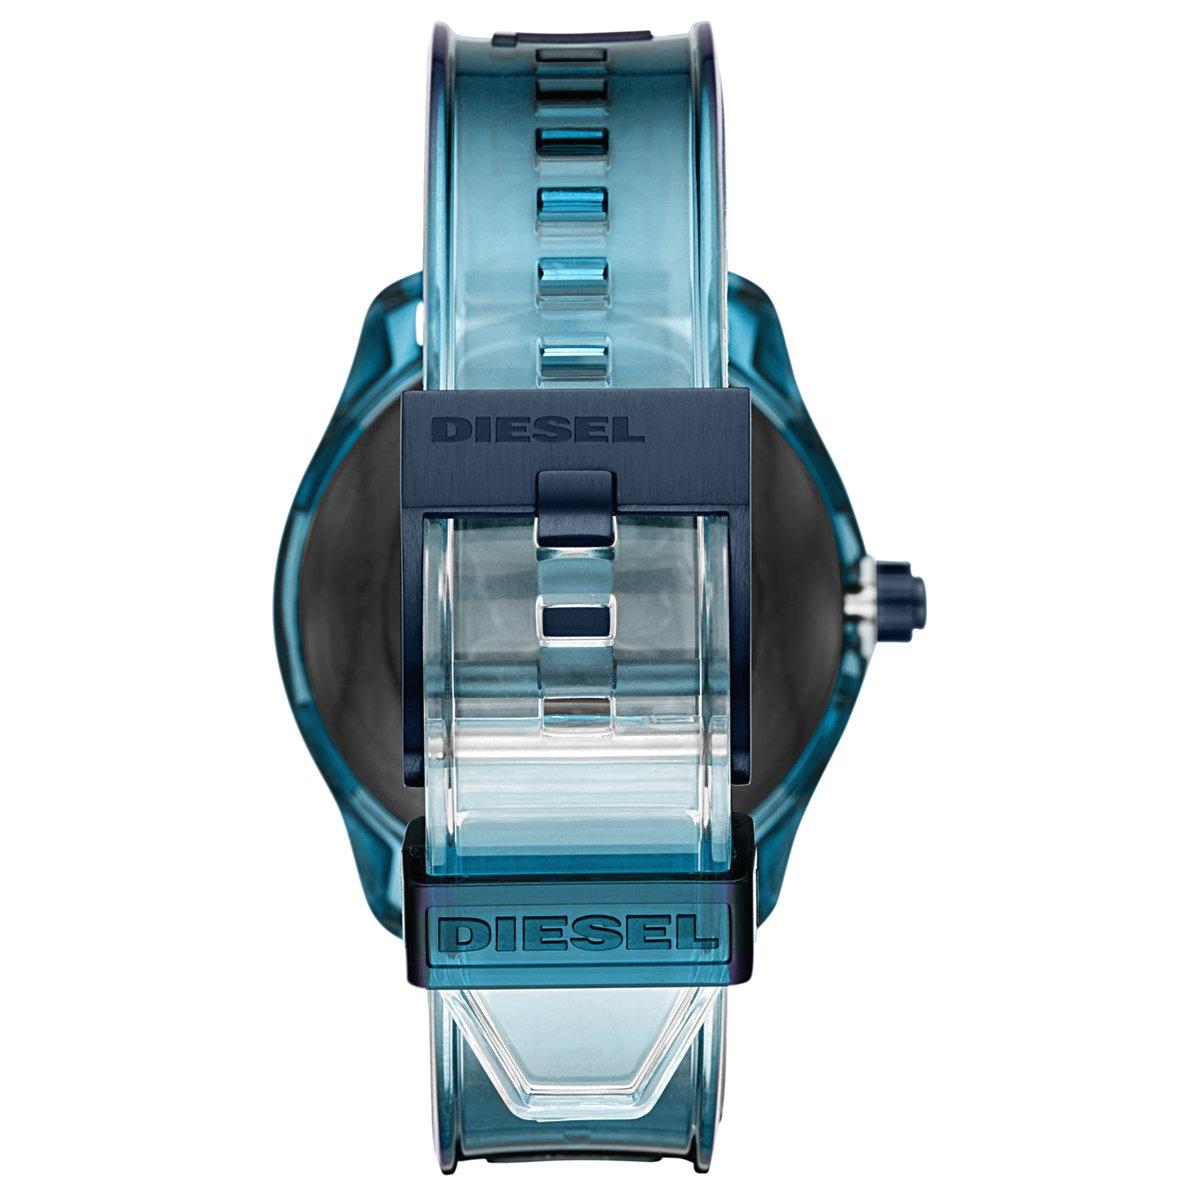 ディーゼル DIESEL ON スマートウォッチ ウェアラブル 腕時計 メンズ FADELITE DZT2020